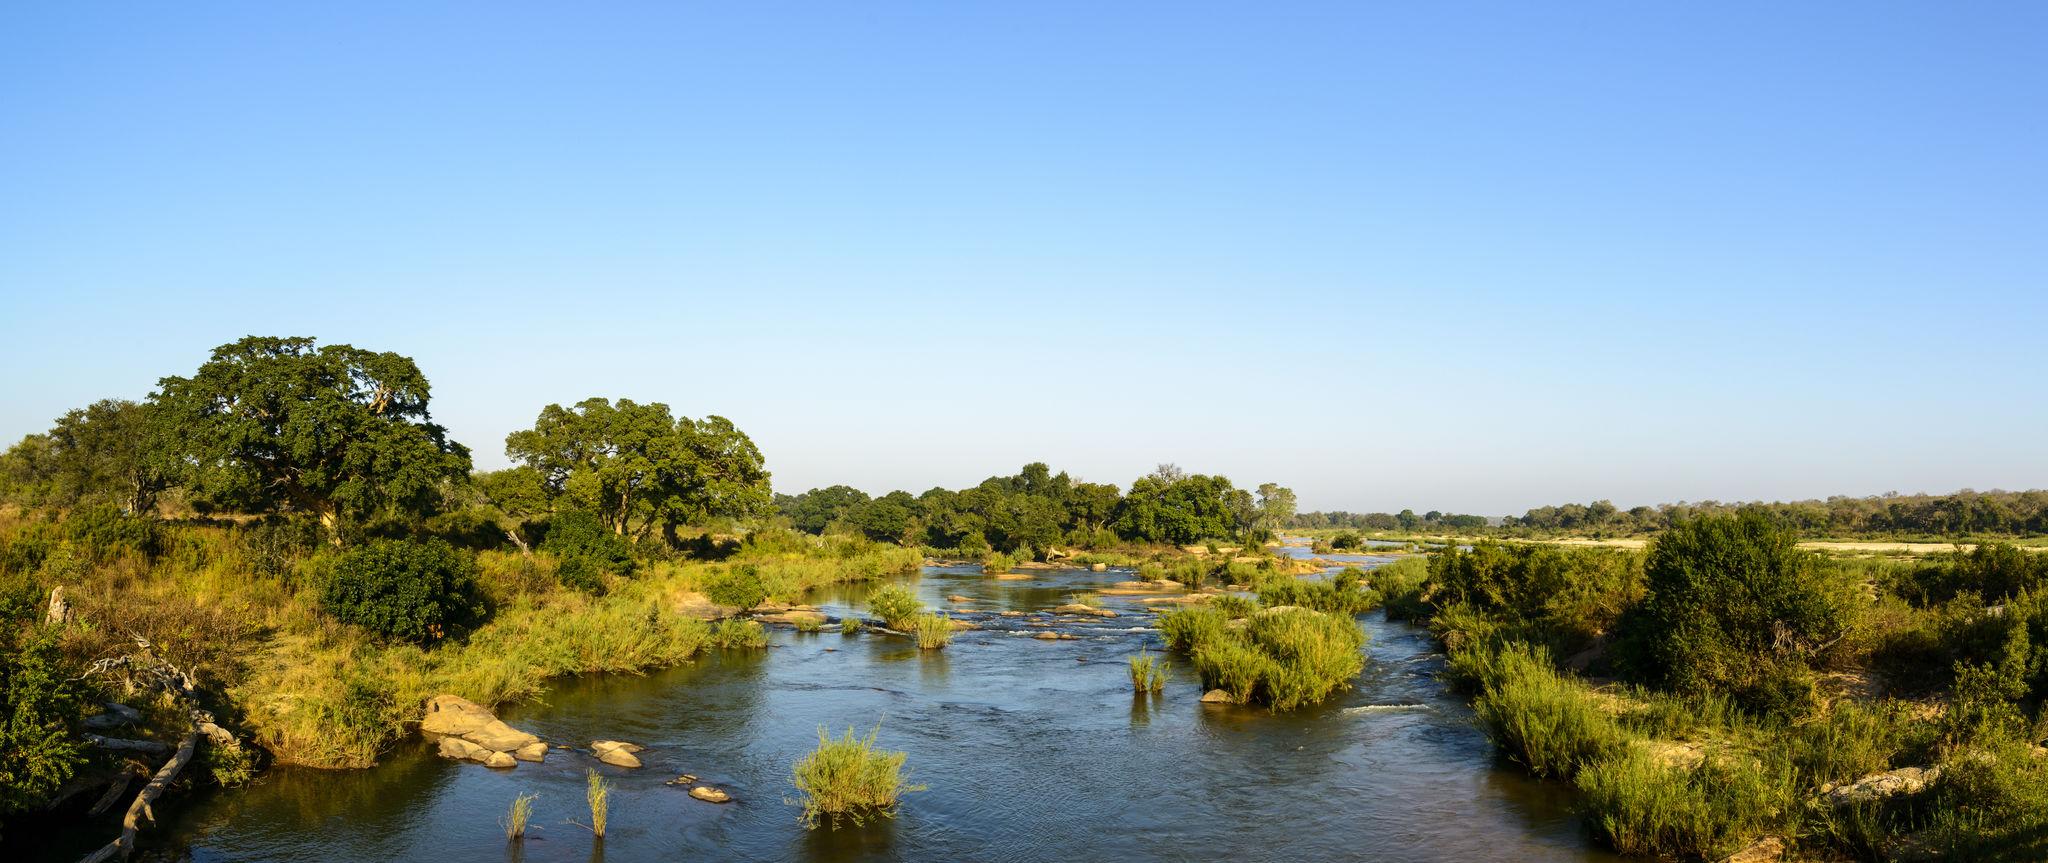 Kruger river in kruger national park